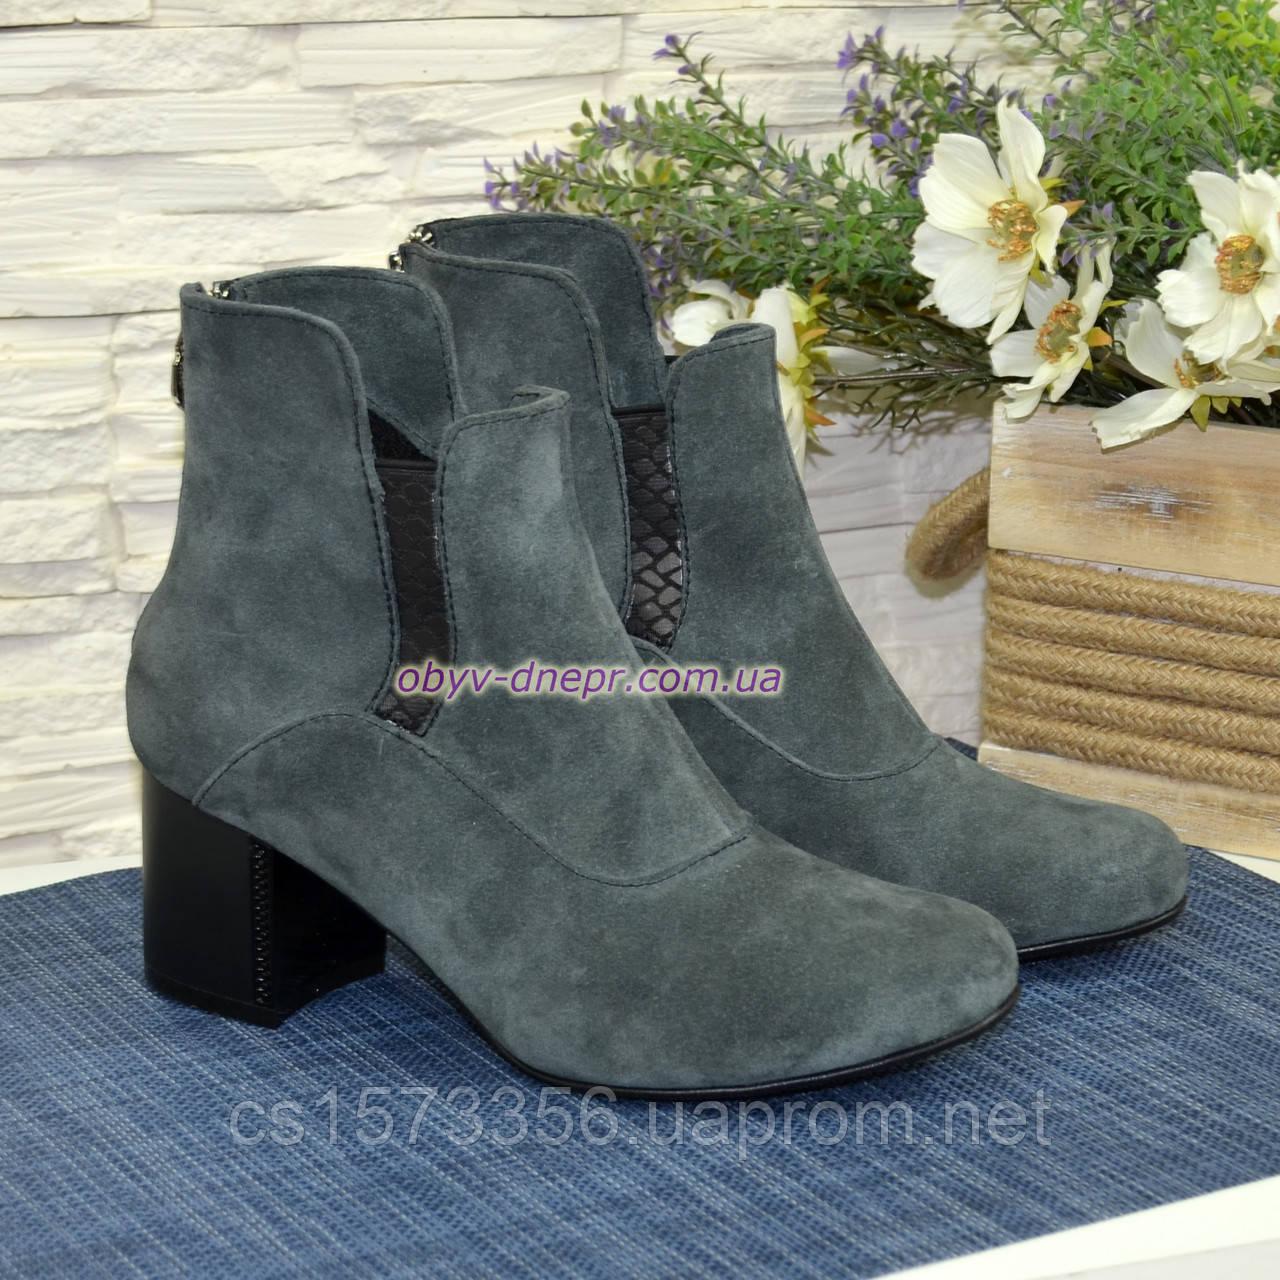 Ботинки замшевые демисезонные на невысоком каблуке, сзади на молнии. Цвет серый